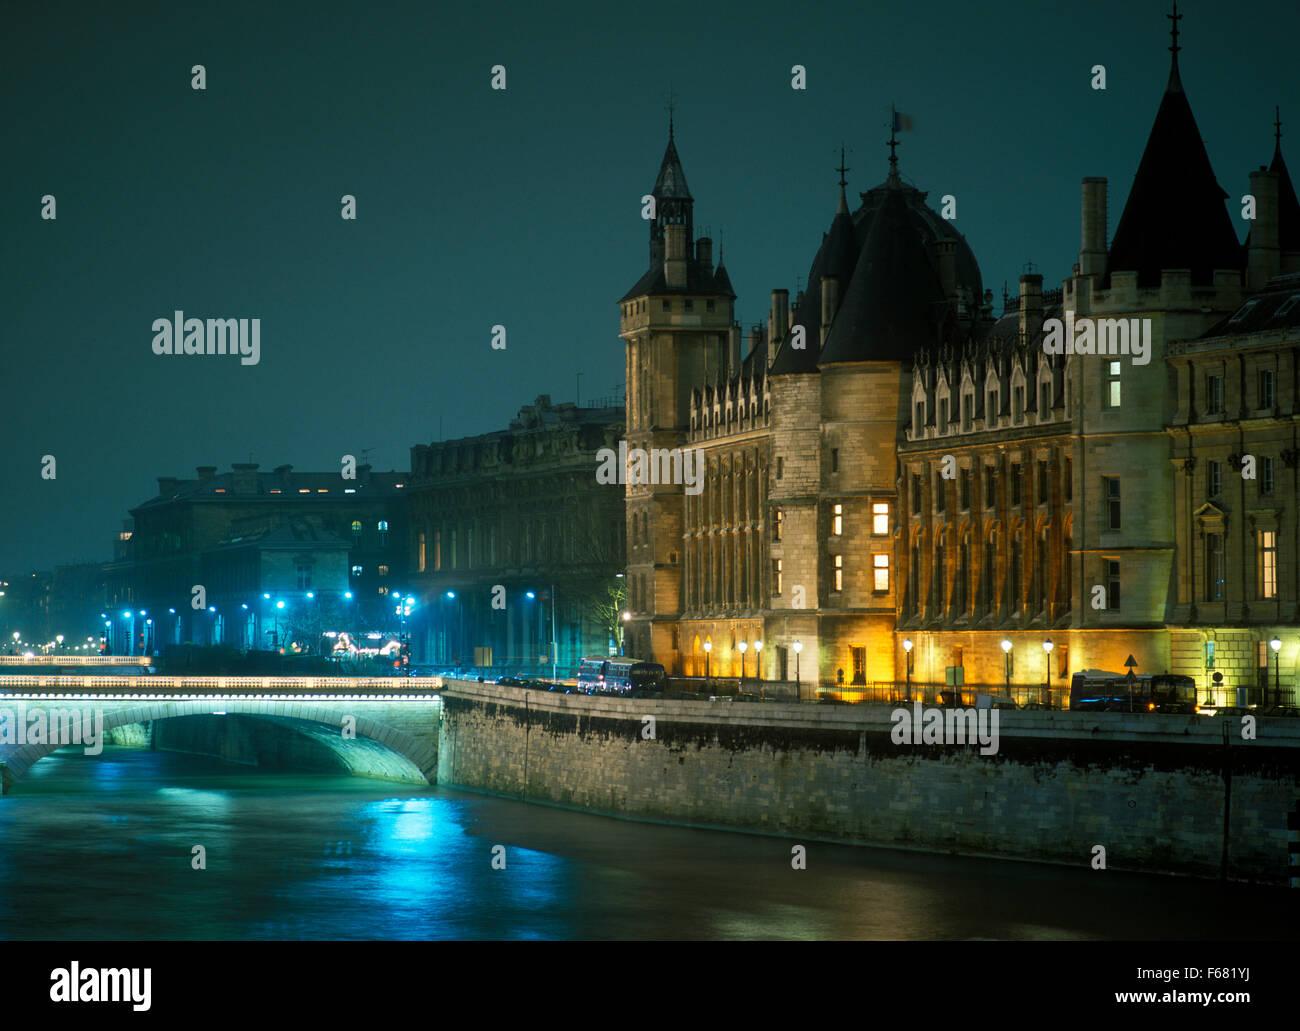 France, Paris, Pont-Neuf - Stock Image